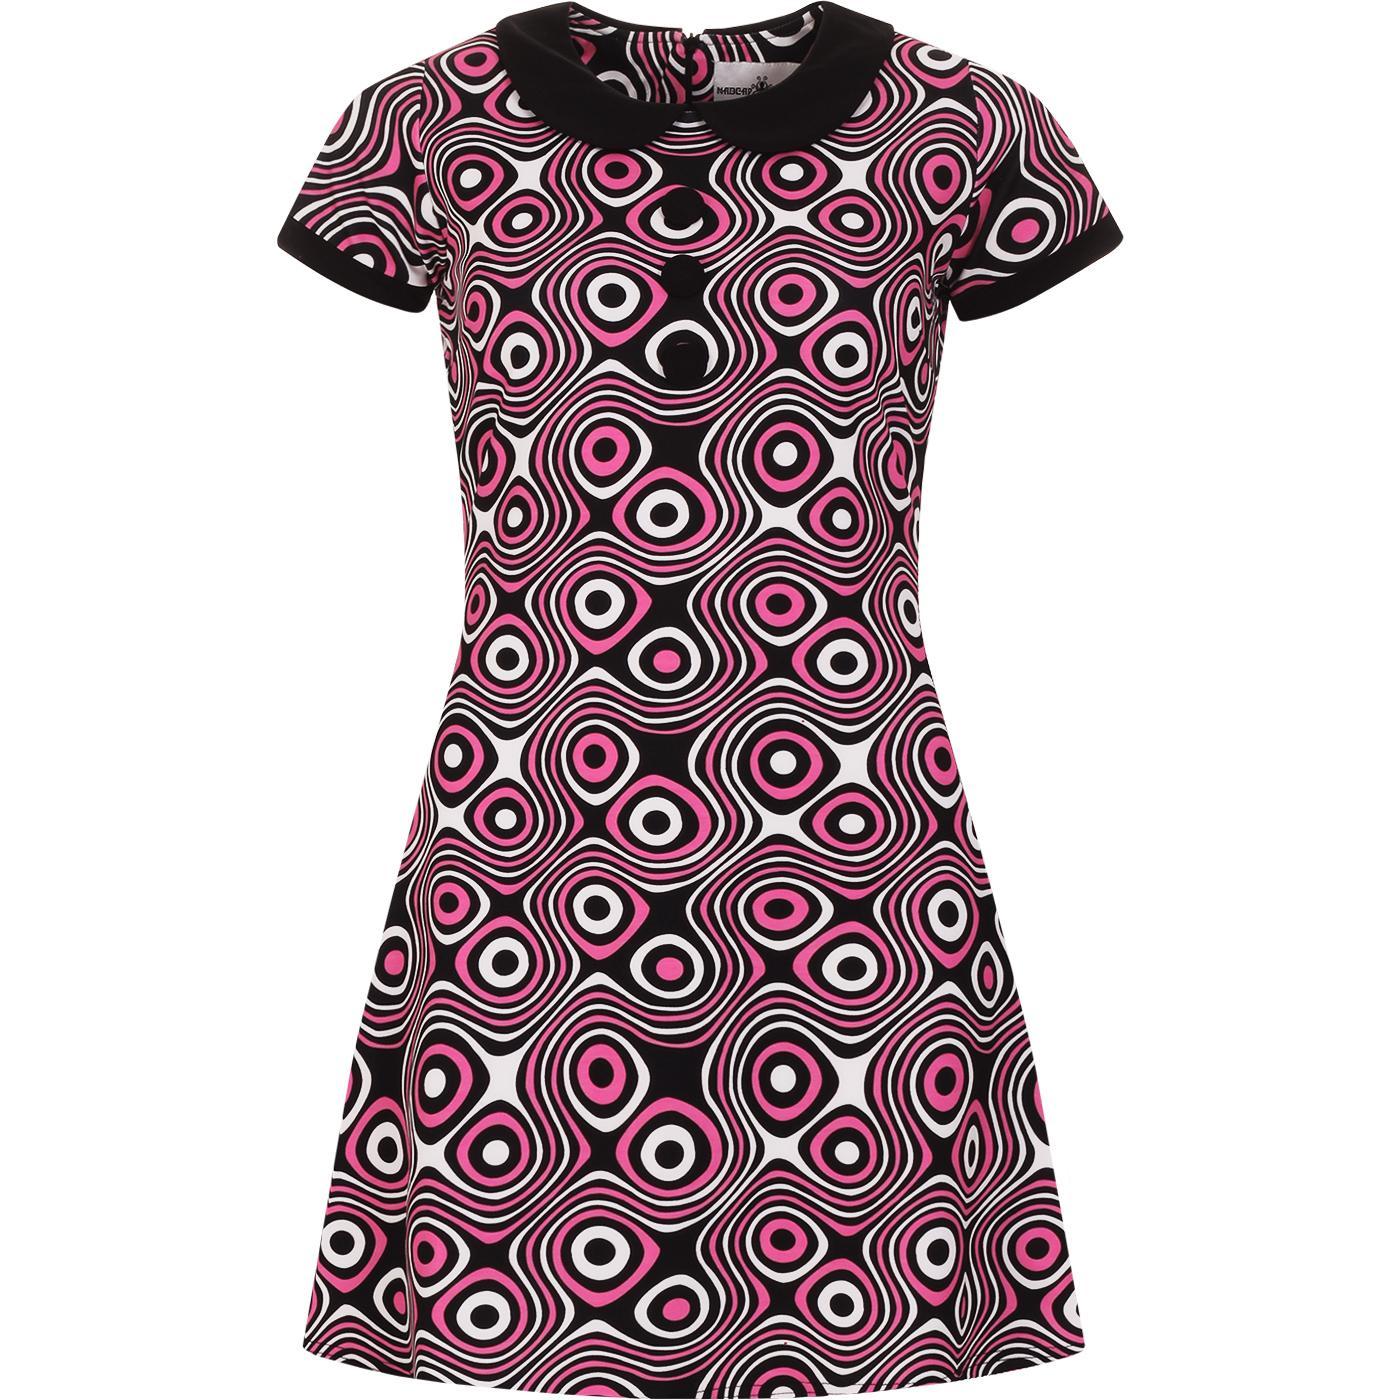 Dollierocker Op Art MADCAP ENGLAND Mod Dress -Pink